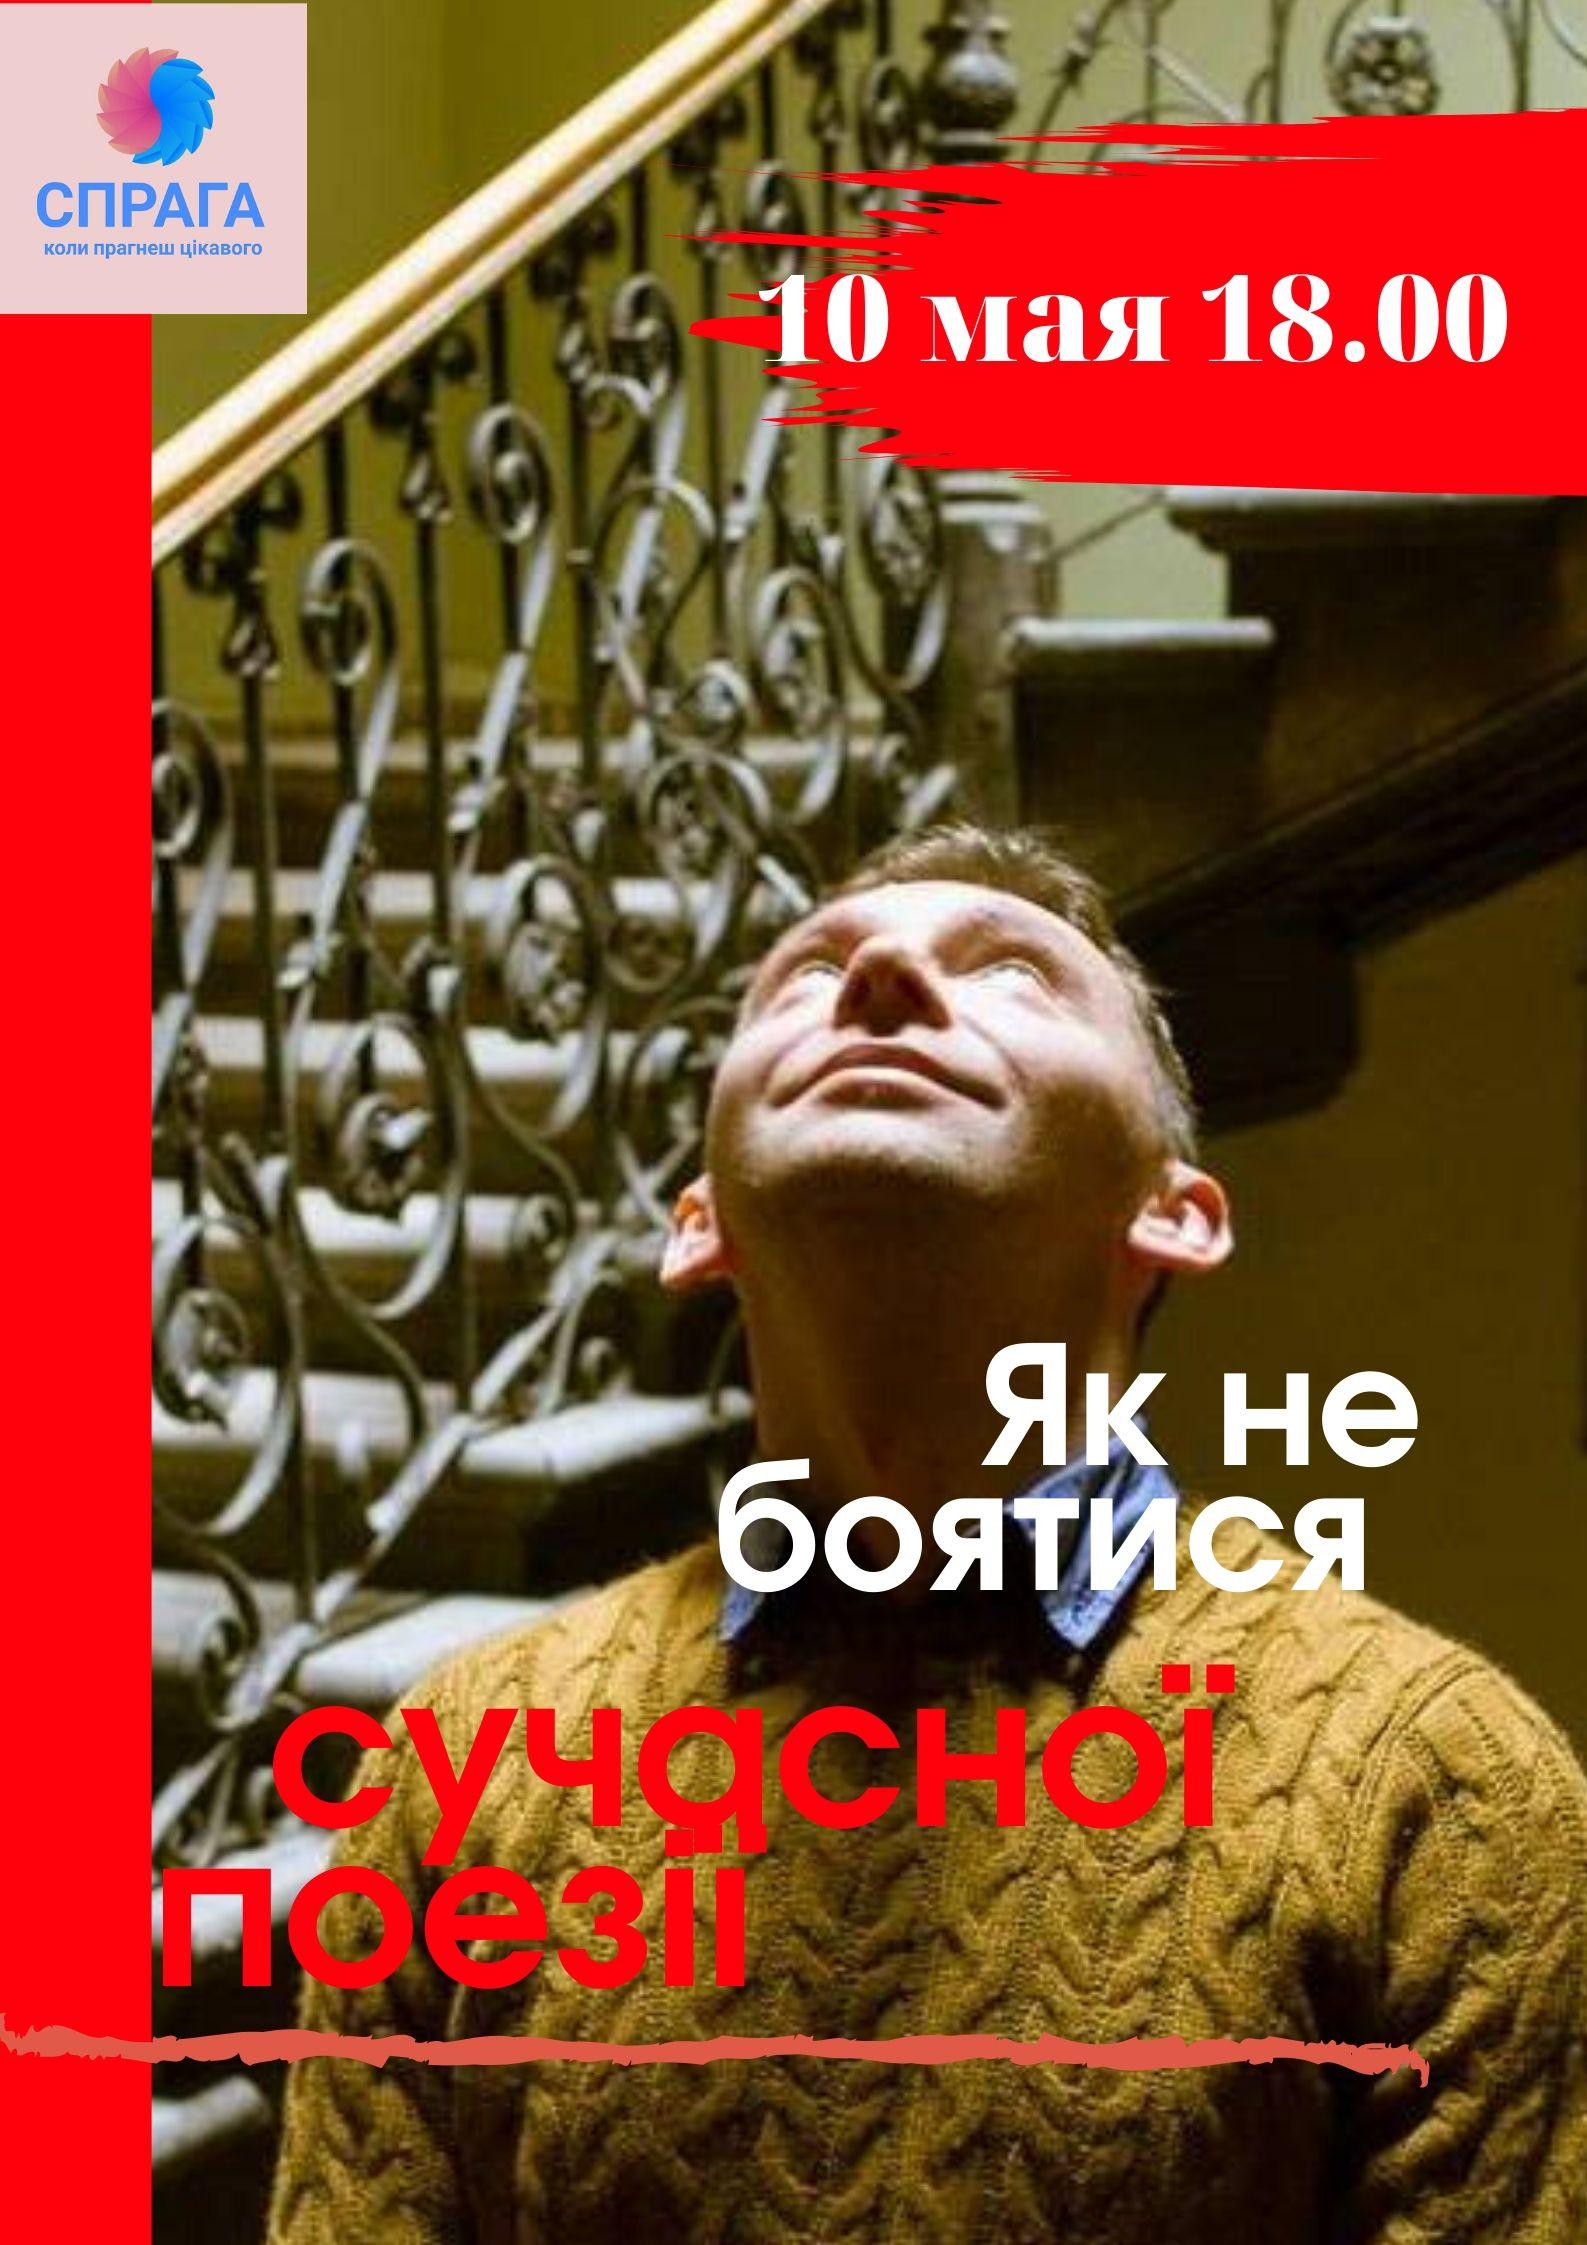 українська сучасна література, поезія, вірші, спілкування, інтерв'ю з поетом.